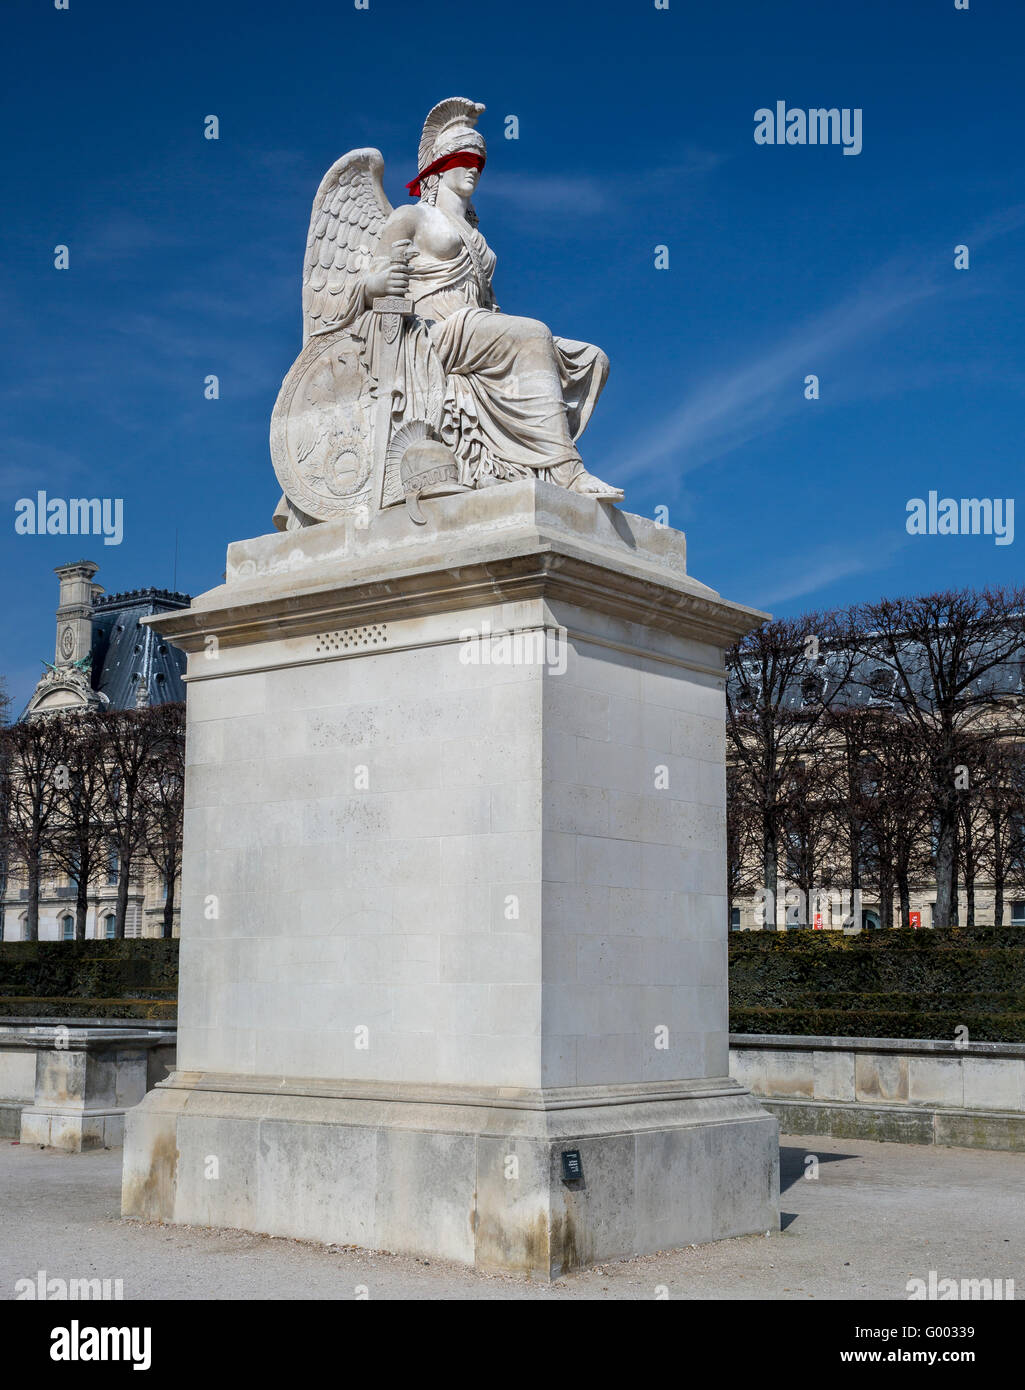 Gli occhi bendati Angelo statua a Parigi Immagini Stock